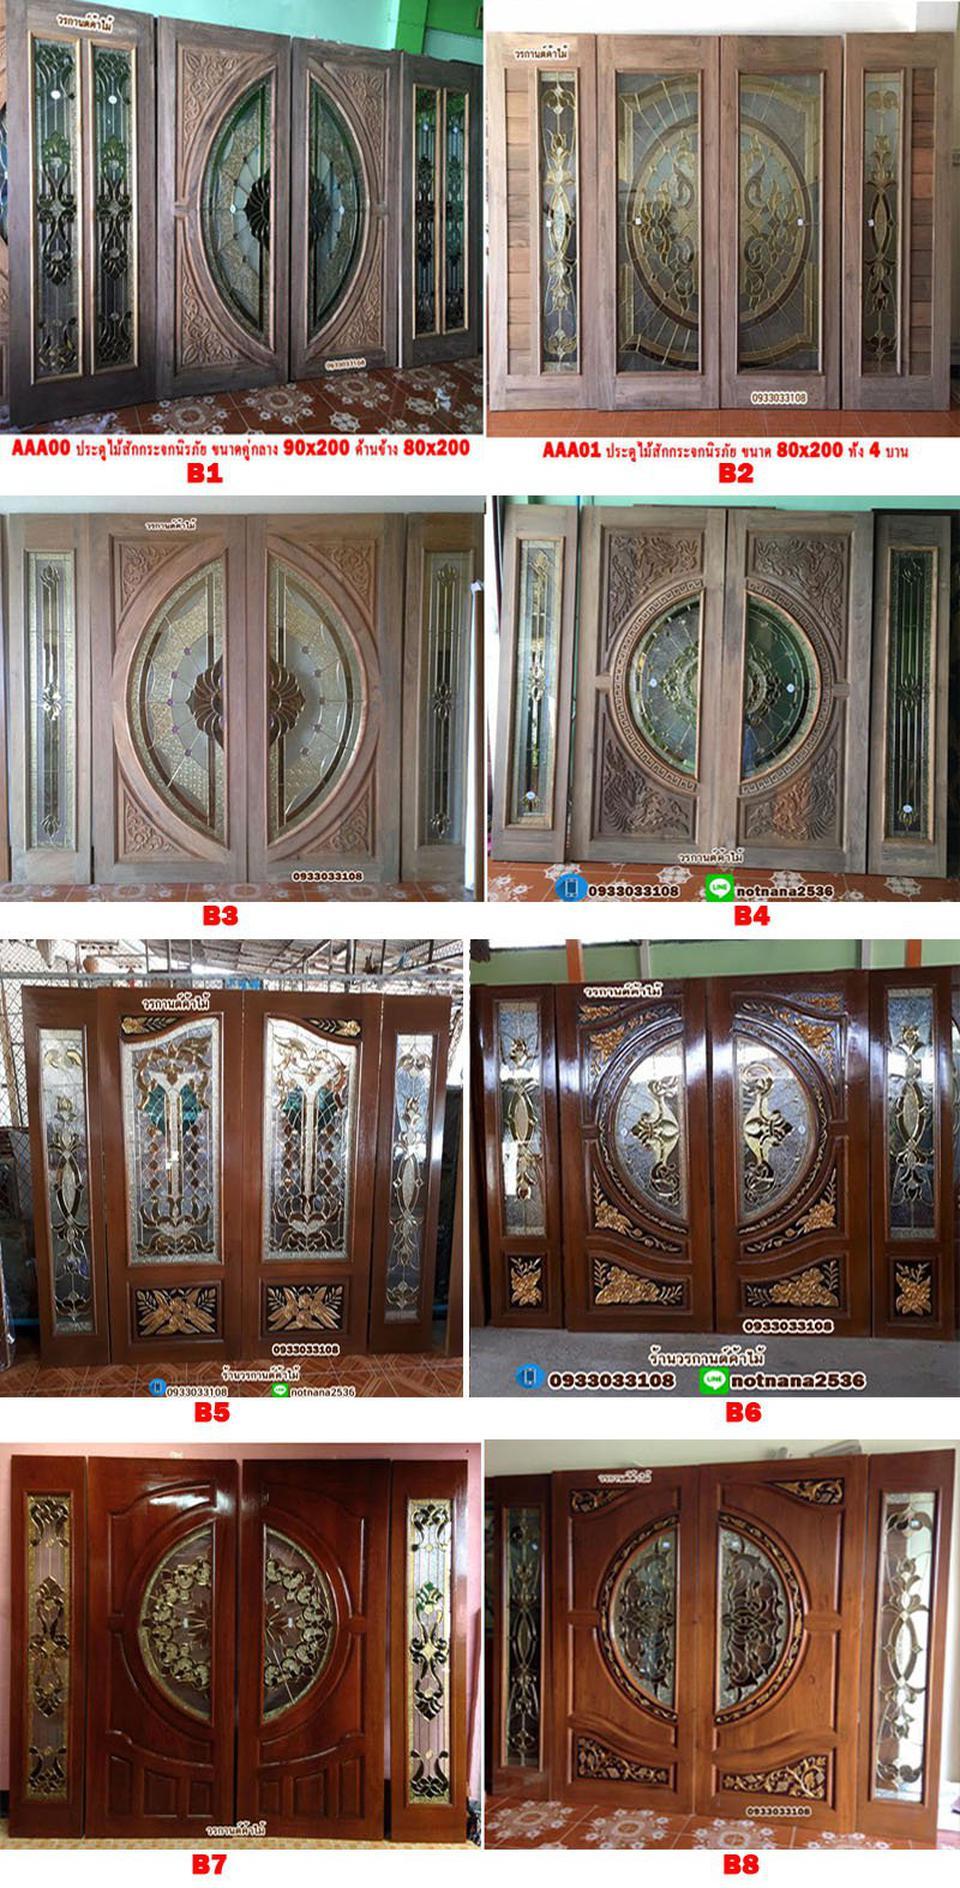 ร้านวรกานต์ค้าไม้ จำหน่าย ประตูไม้สักกระจกนิรภัย ประตูไม้สักบานคู่ ประตูไม้สักบานเดี่ยว ประตูหน้าต่าง ทั้งปลีกและส่ง รูปที่ 1